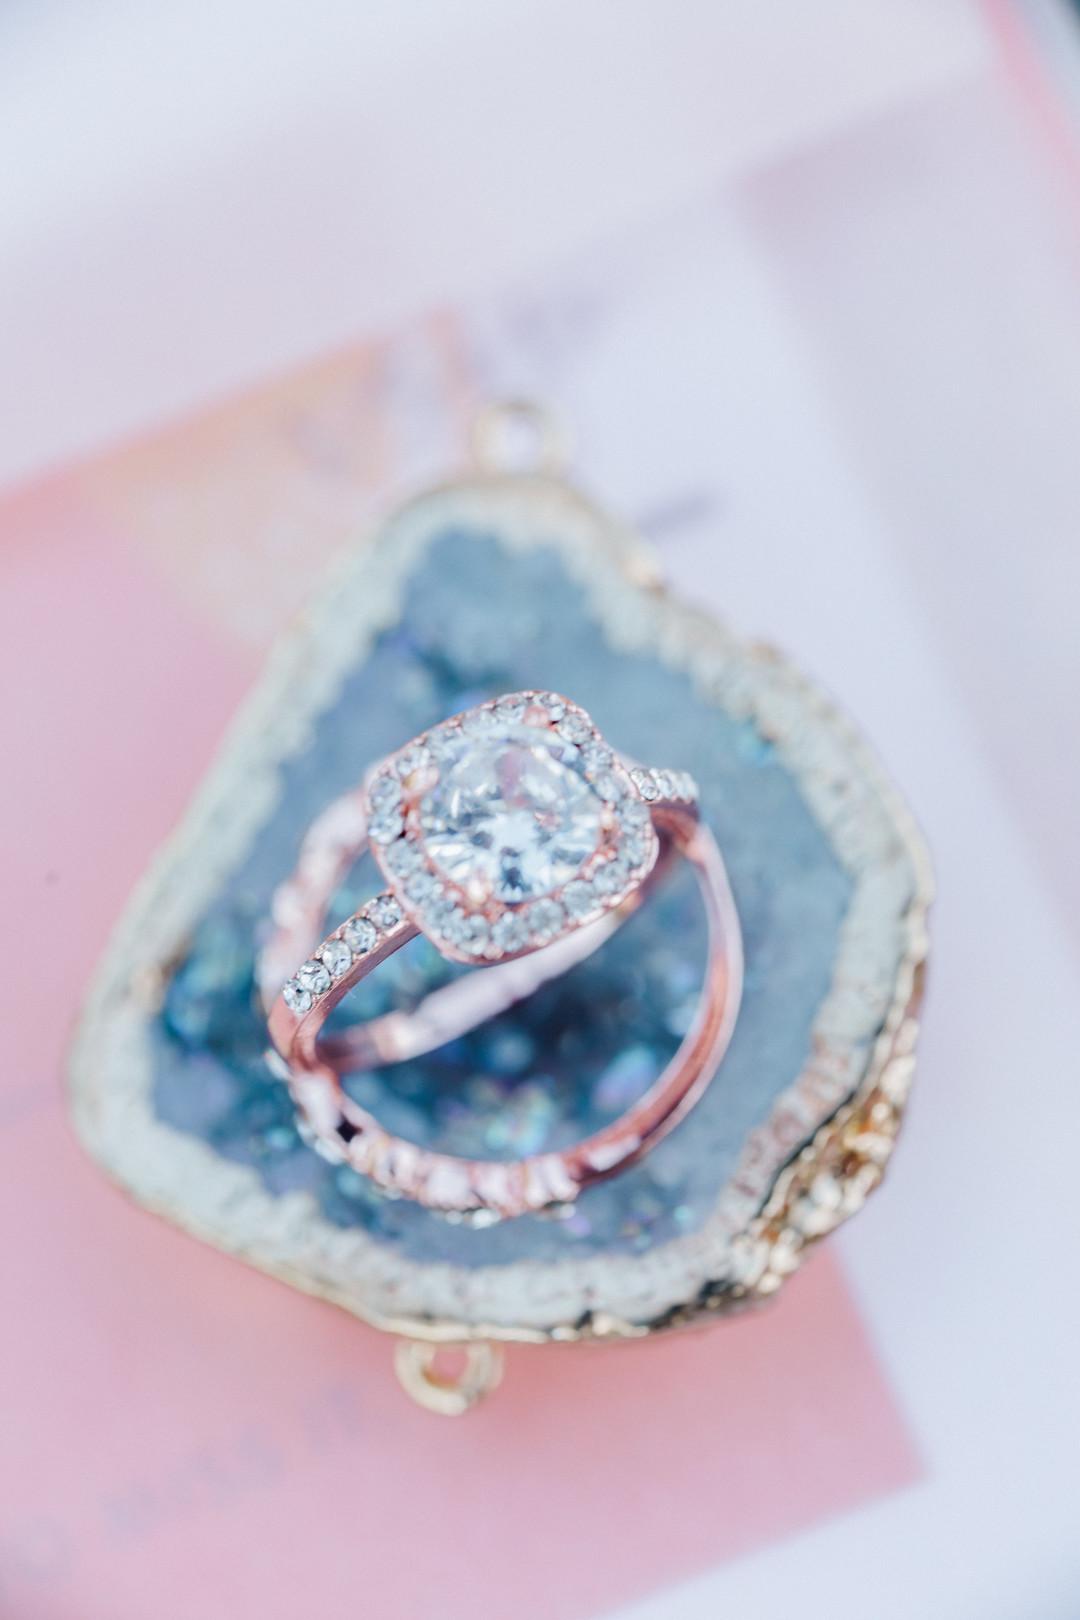 ring detail image